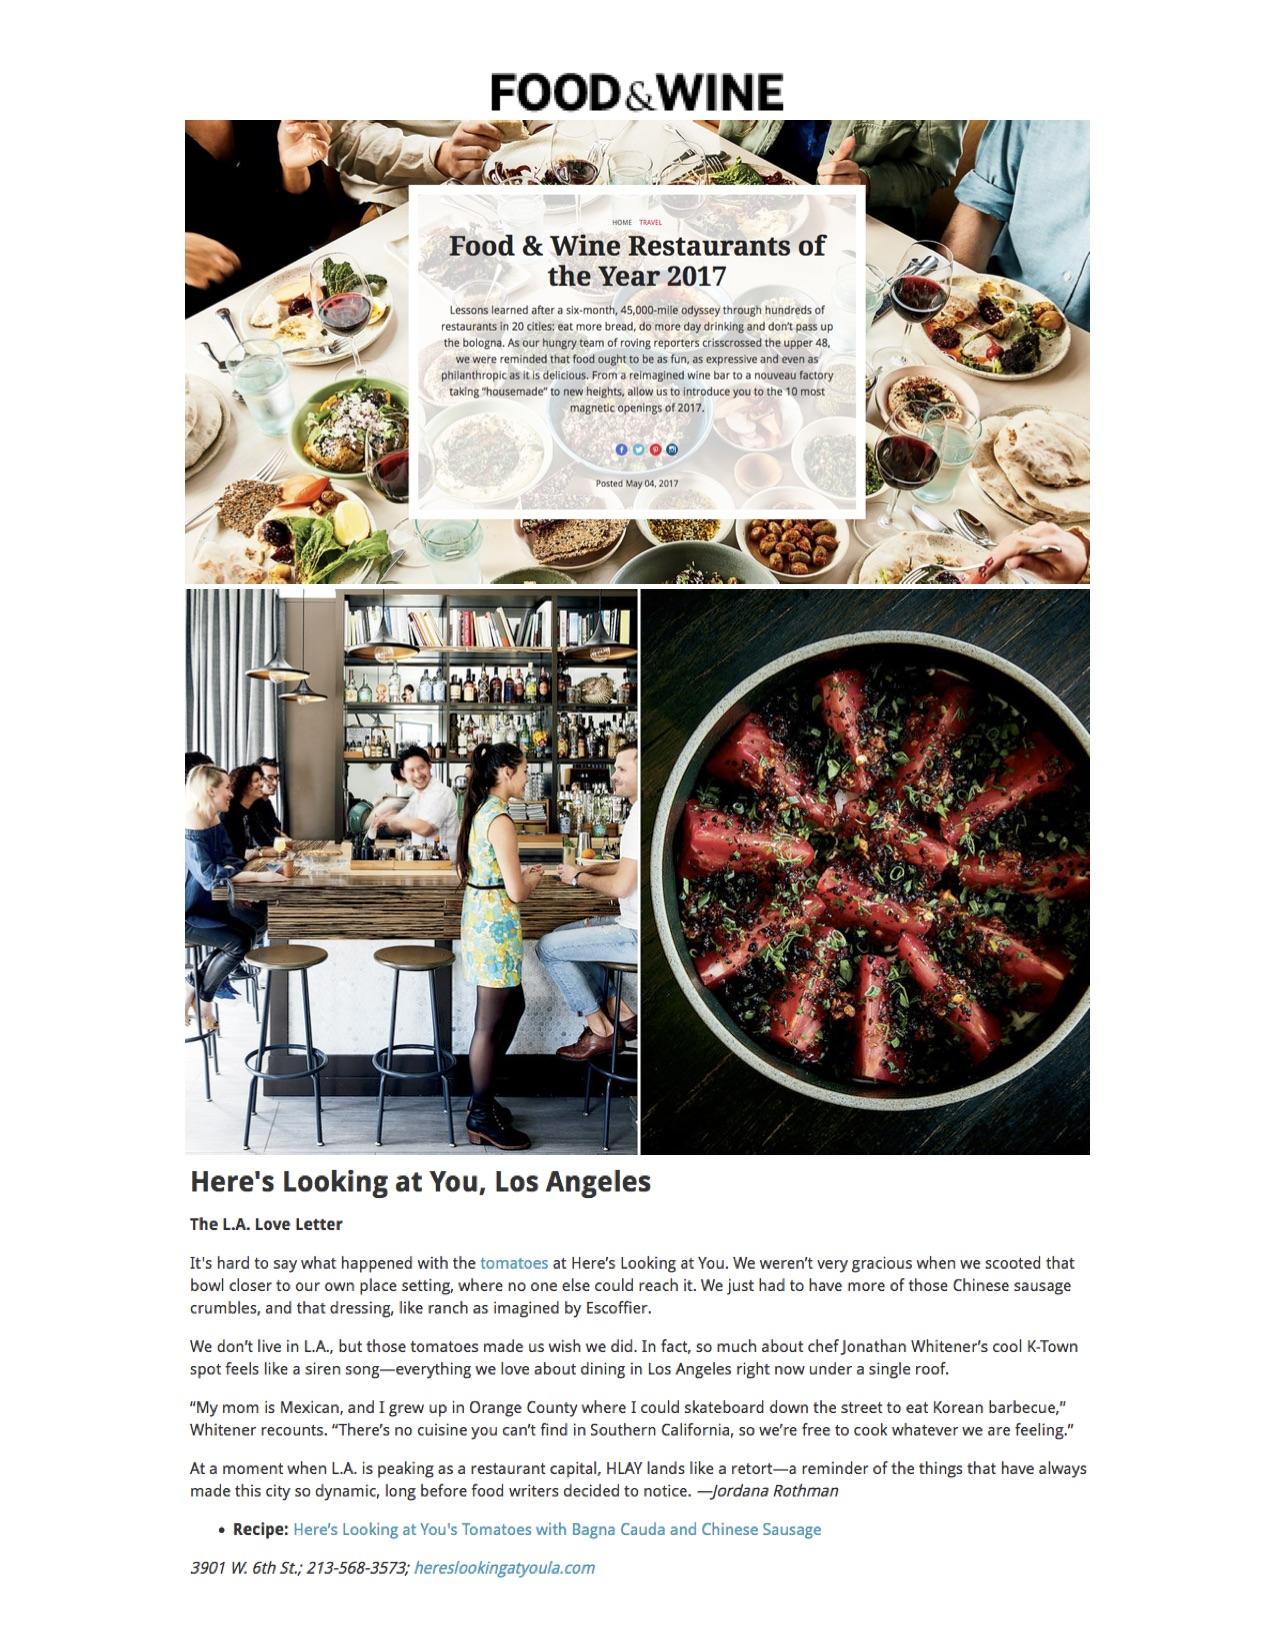 Food&Wine-HLAY-05.04.17.jpg